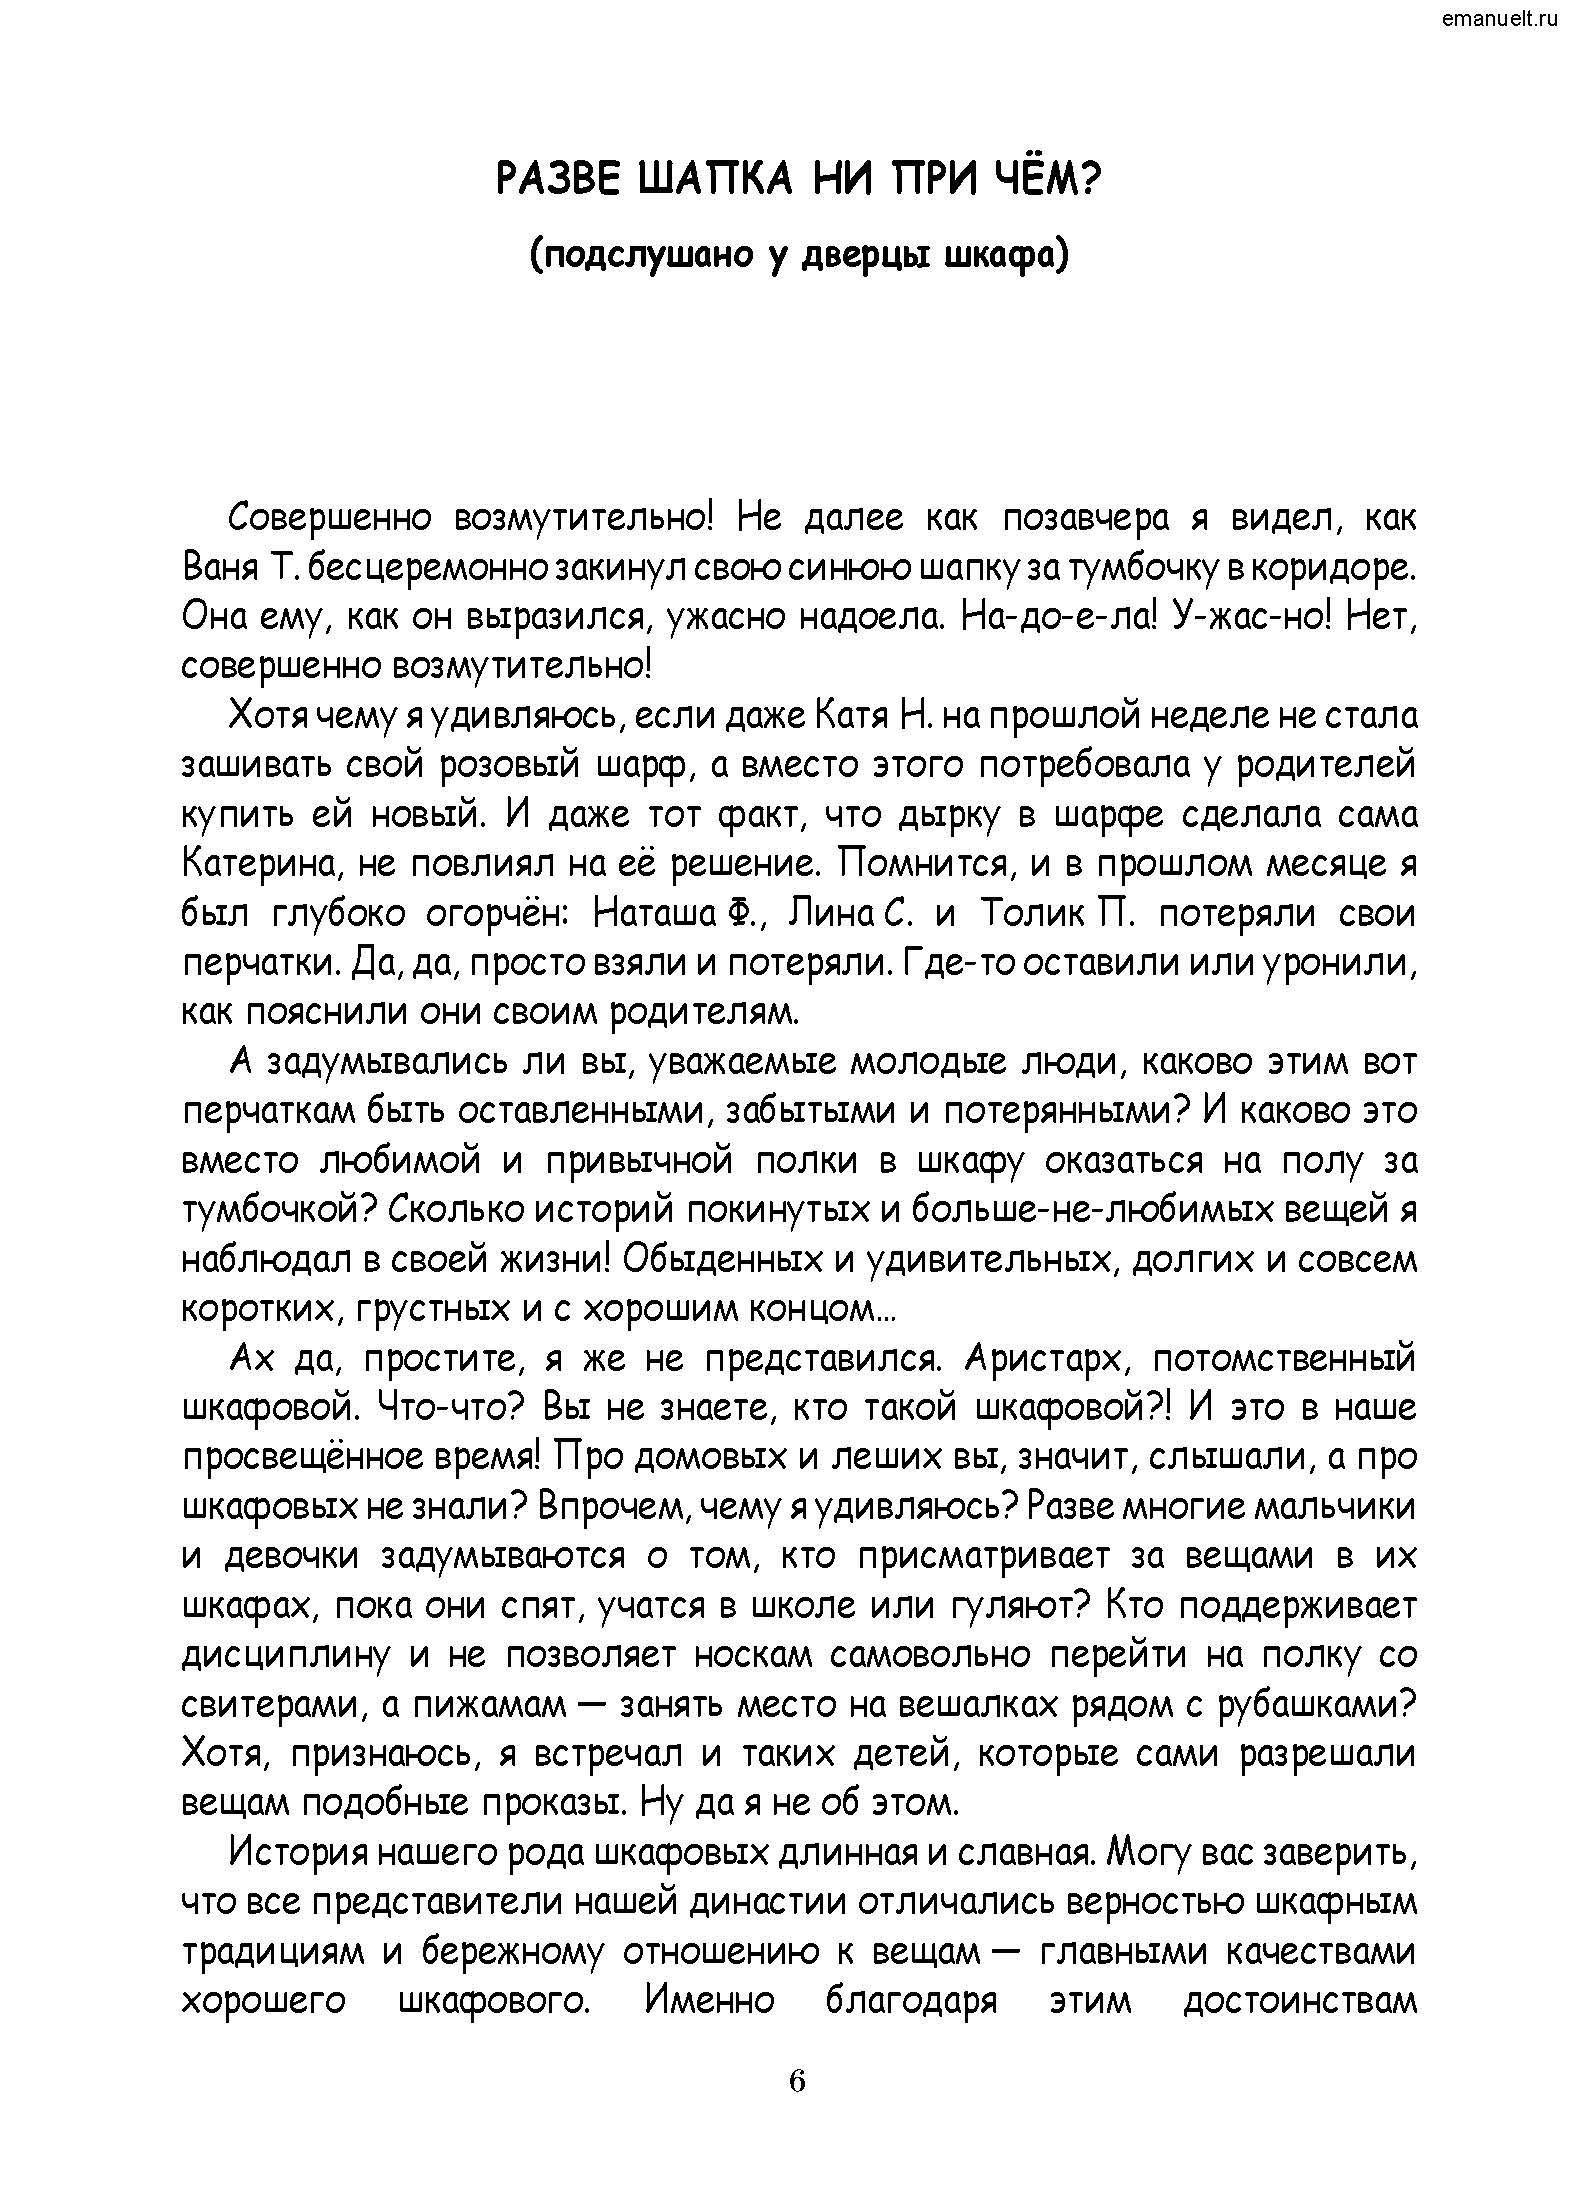 Рассказки в заданиях. emanuelt.ru_Страница_007